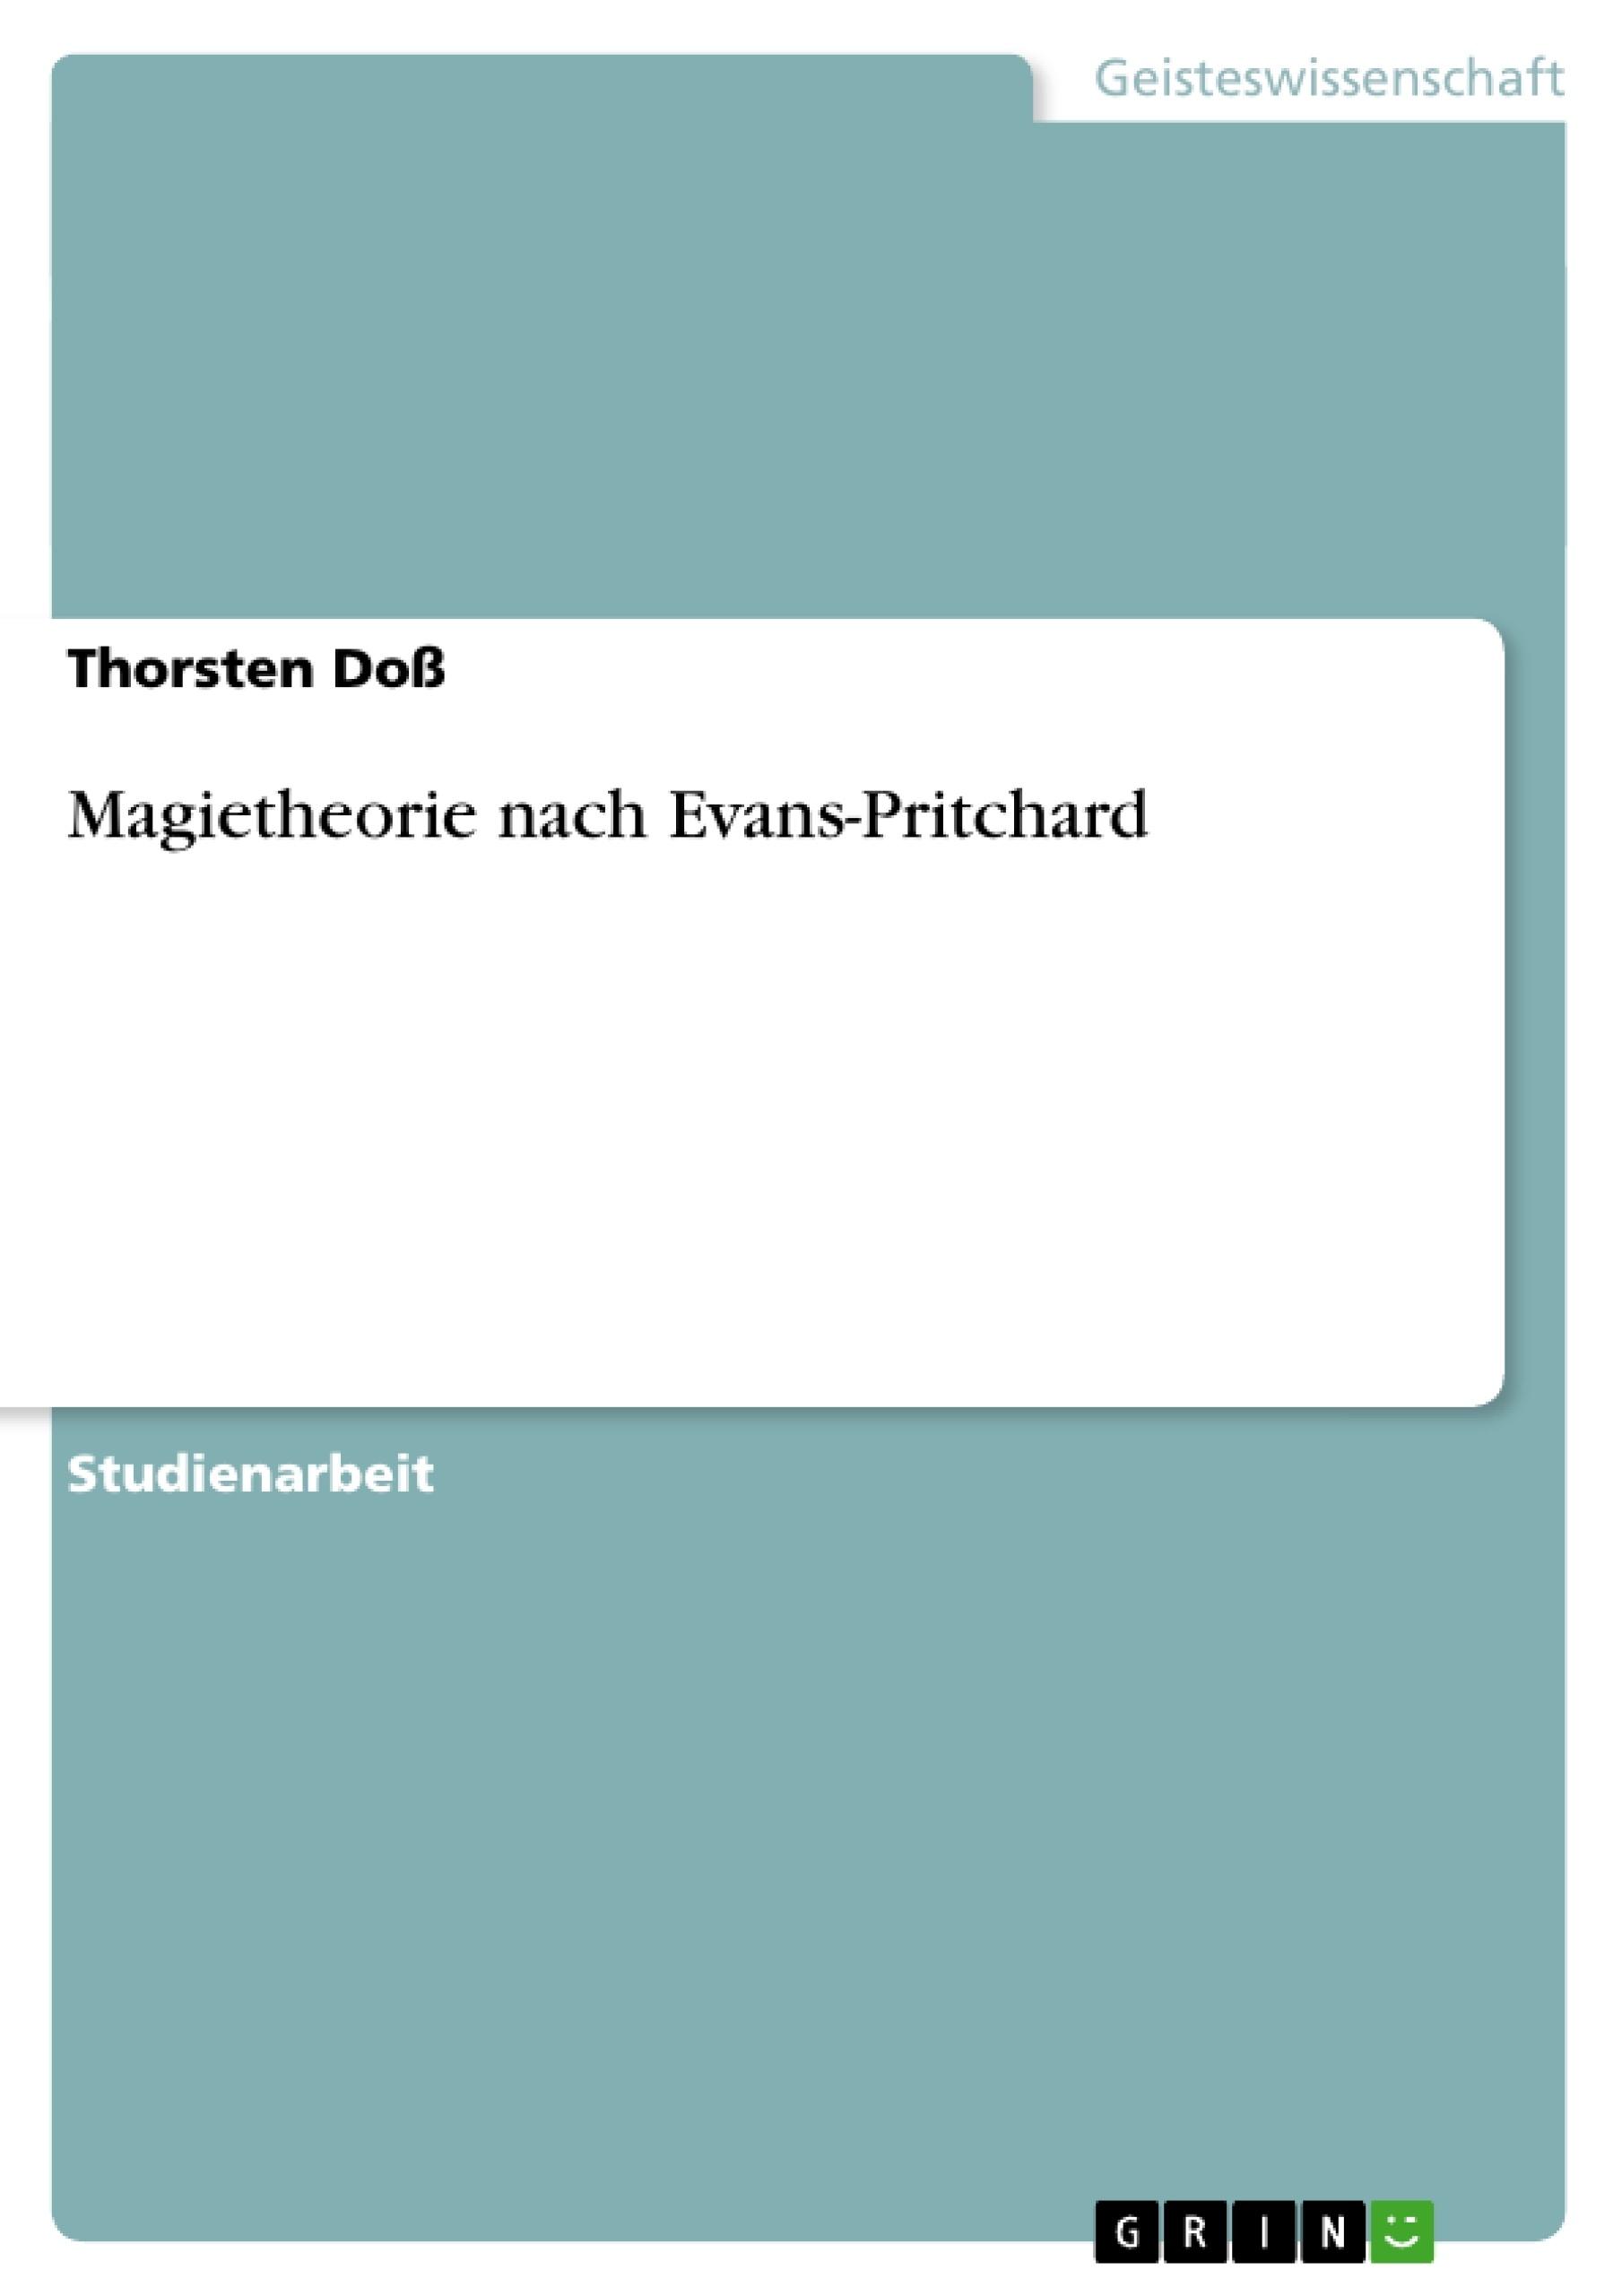 Titel: Magietheorie nach Evans-Pritchard